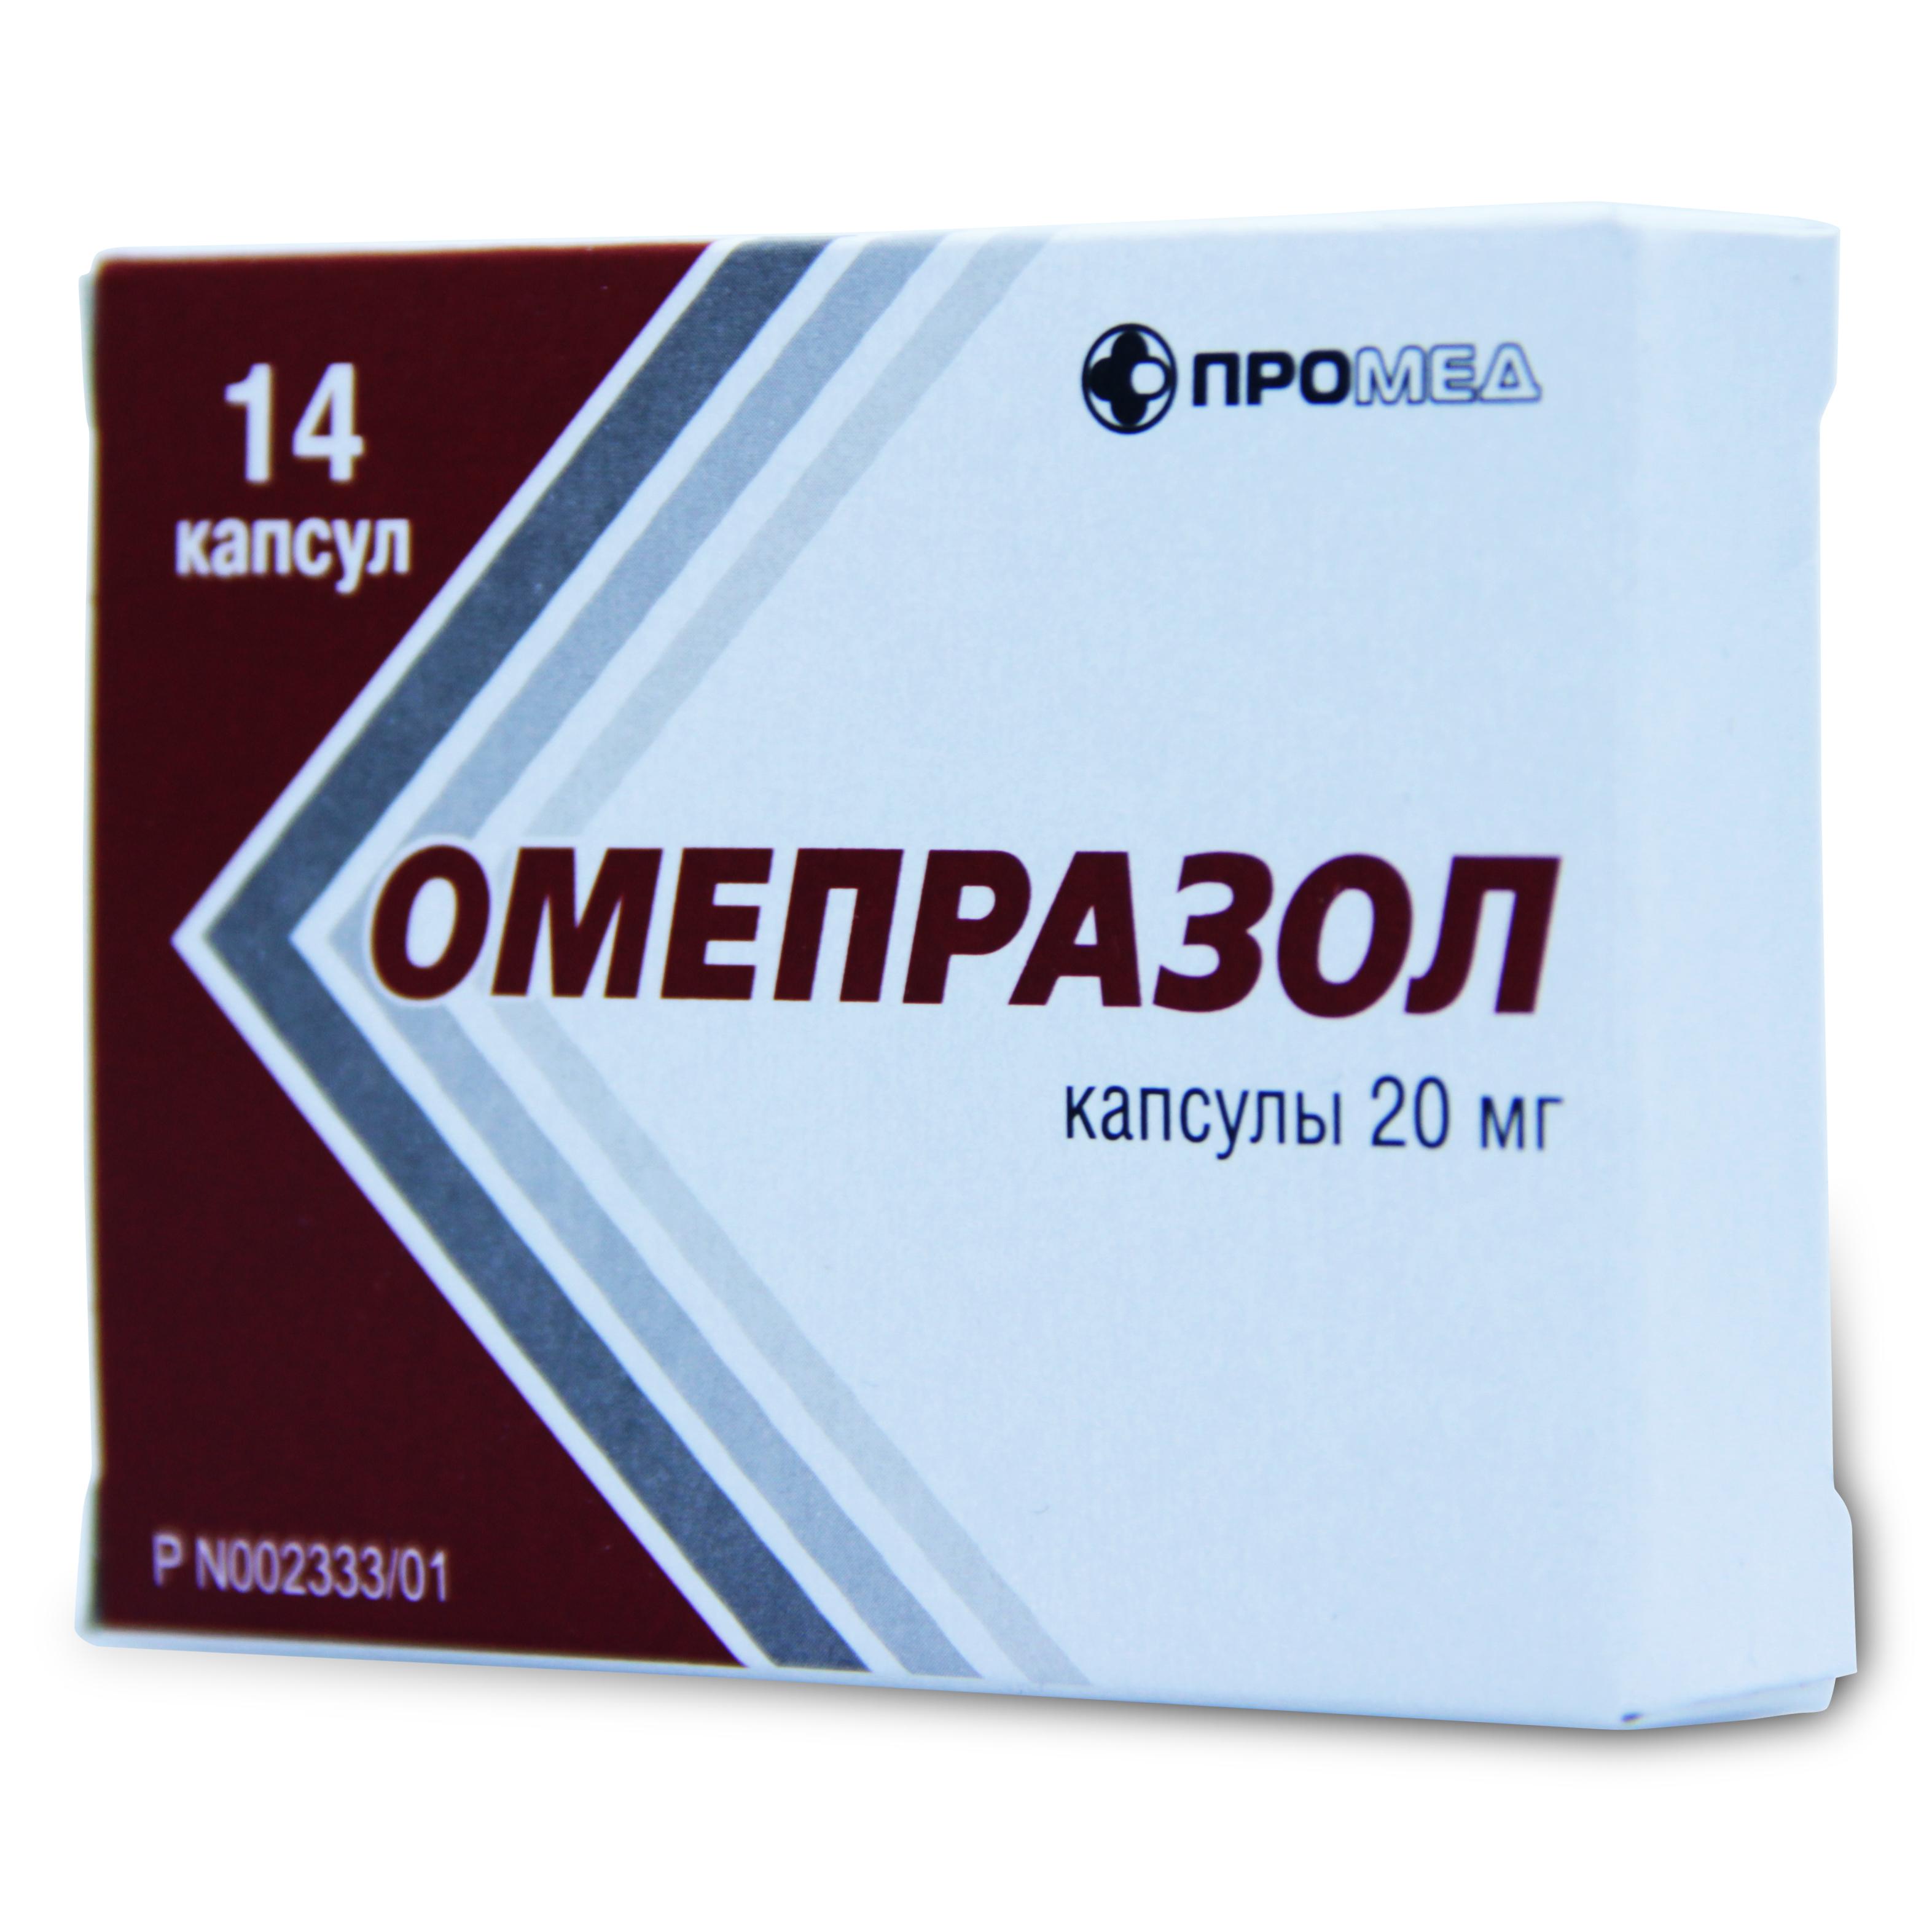 Действующее вещество (мнн) низатидин